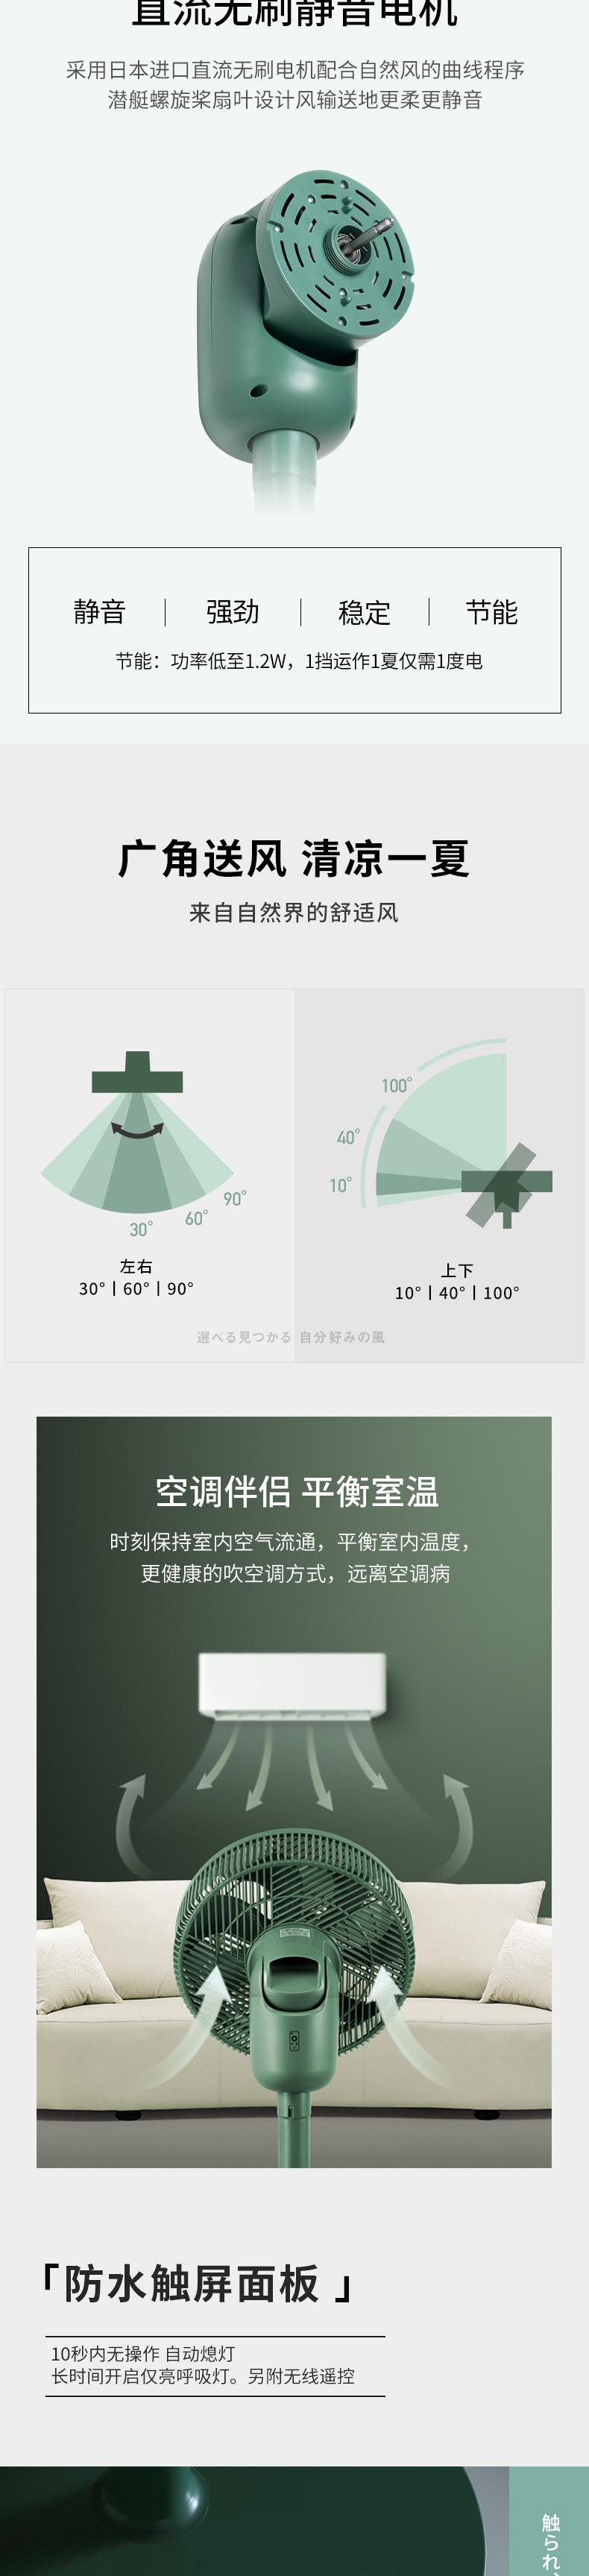 日本bruno复古智能空气循环扇循环电风扇复古落地家用直流变频